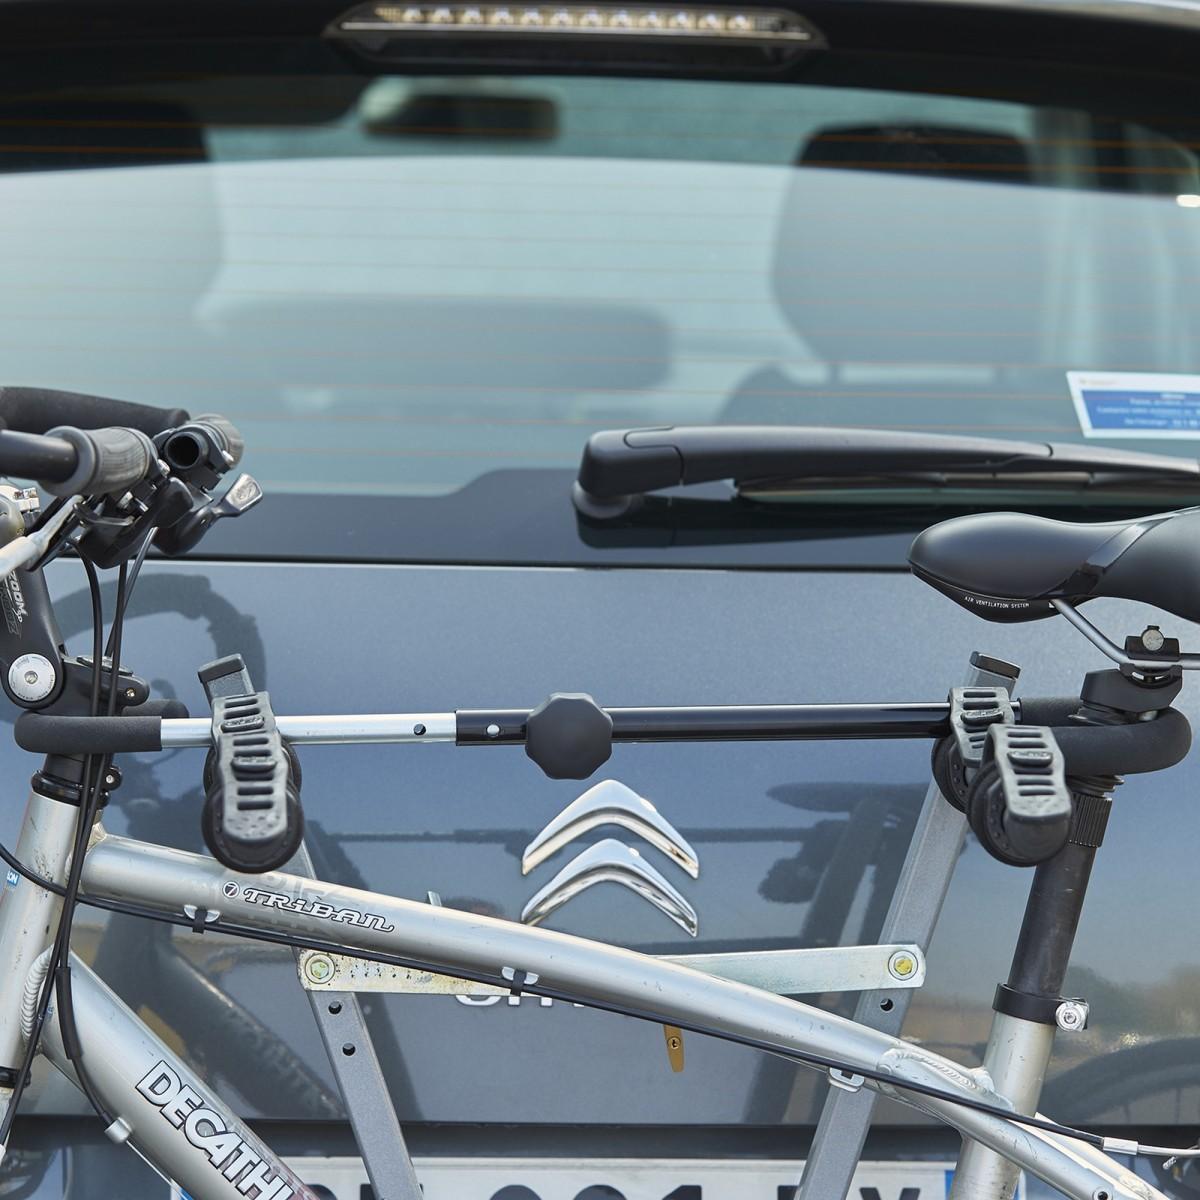 Adaptateur pour vélo sans barre transversale